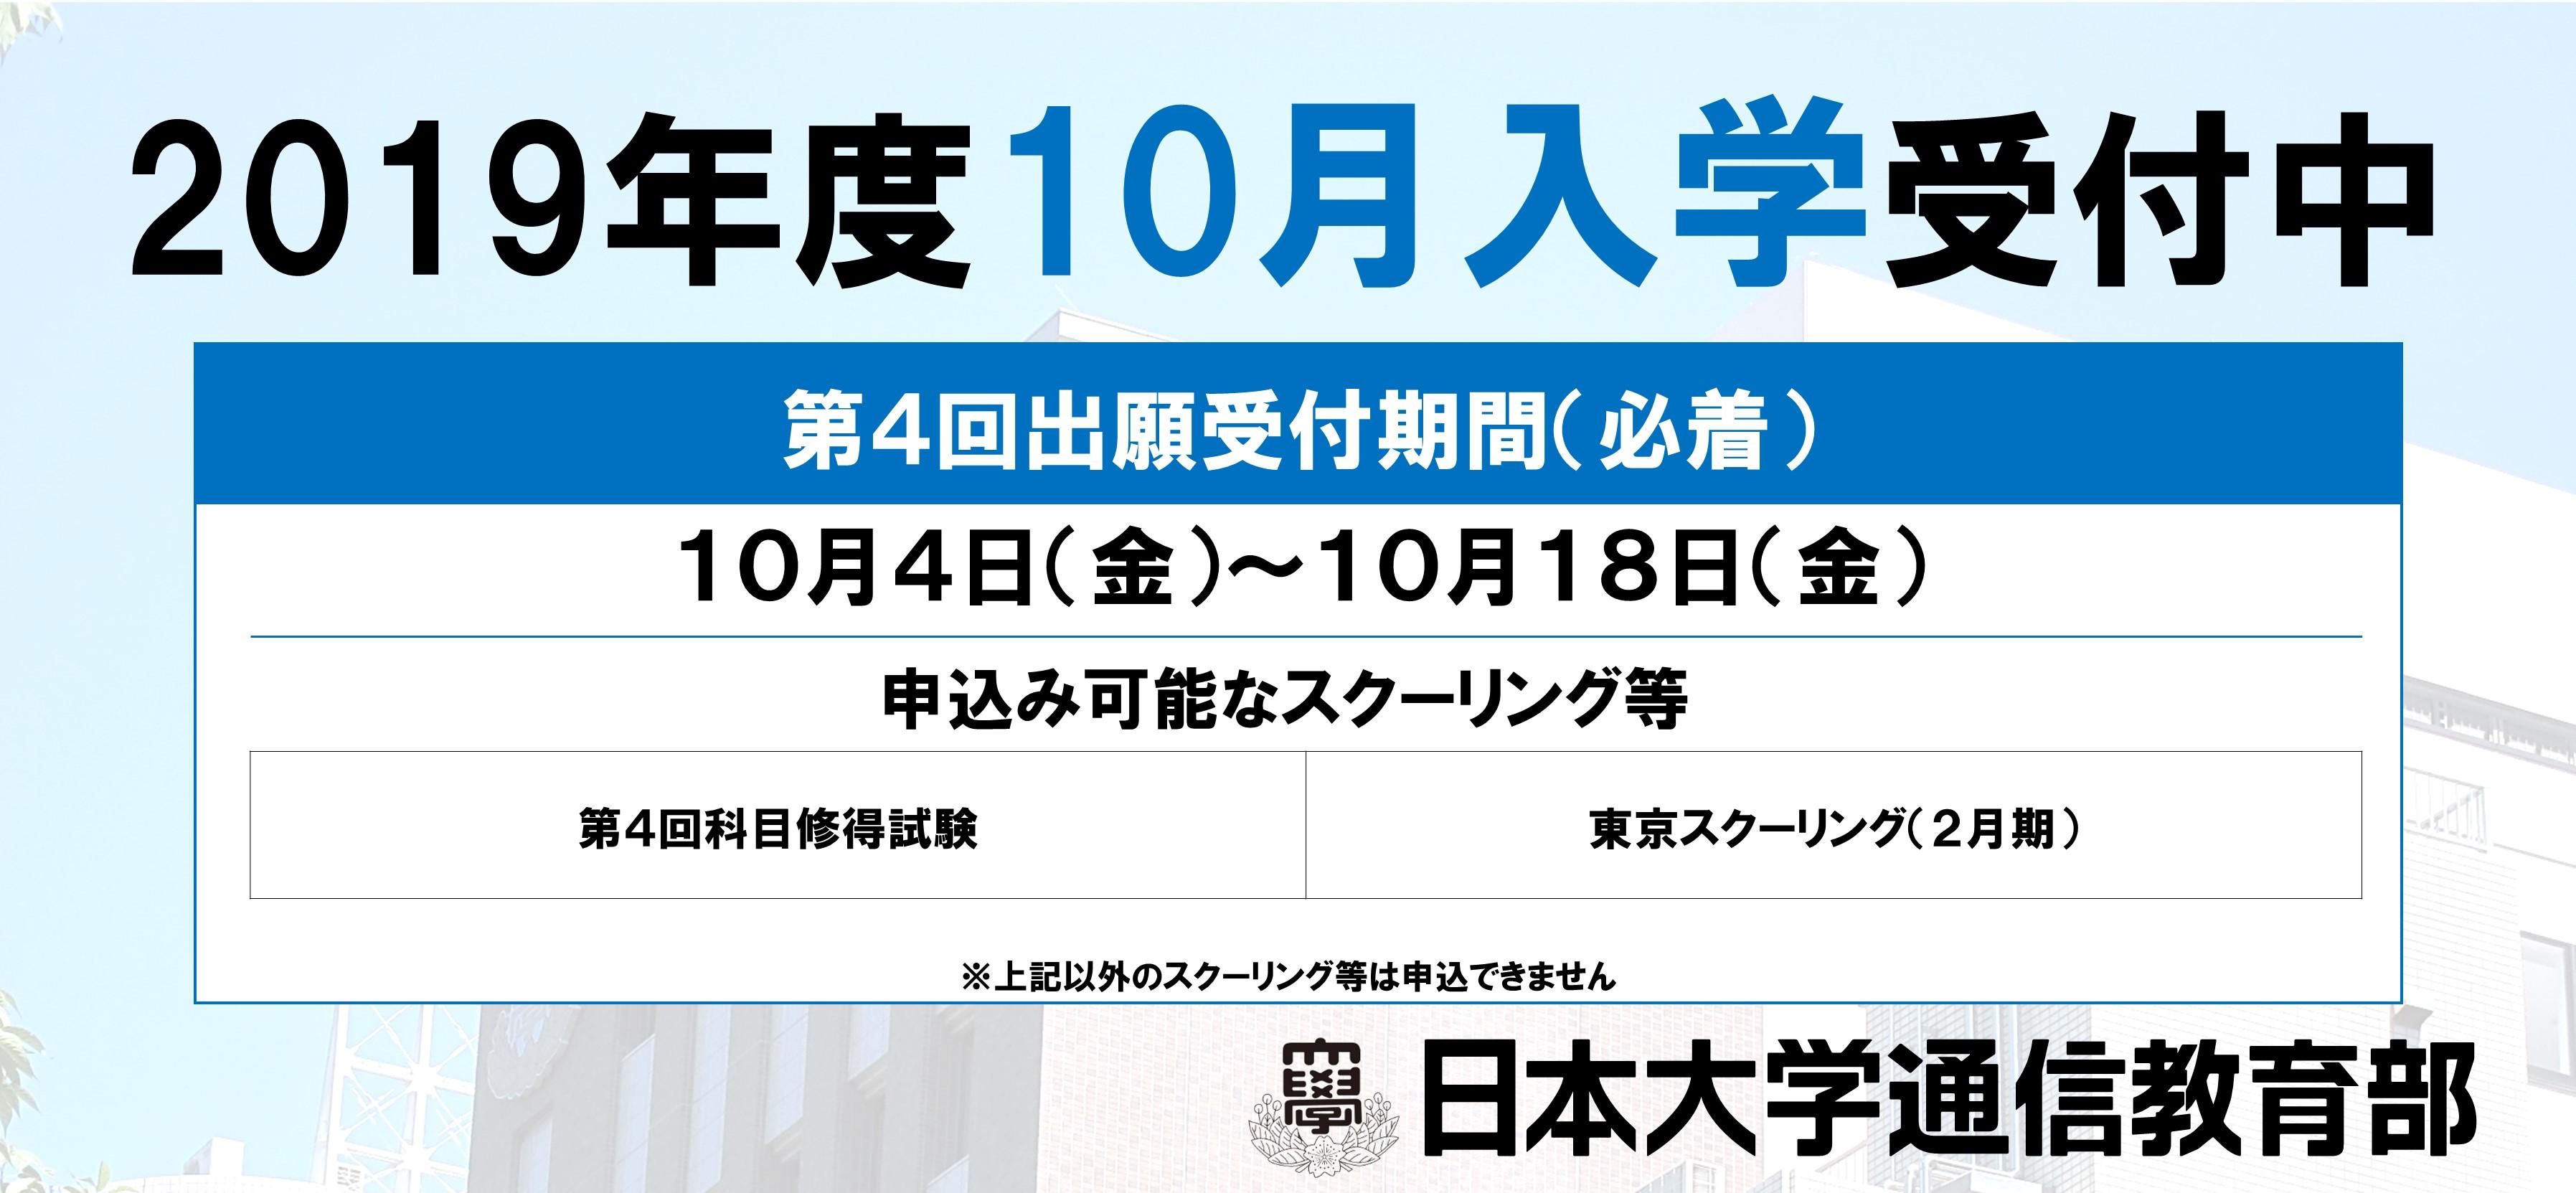 2019年度10月入学受付開始(第4回)